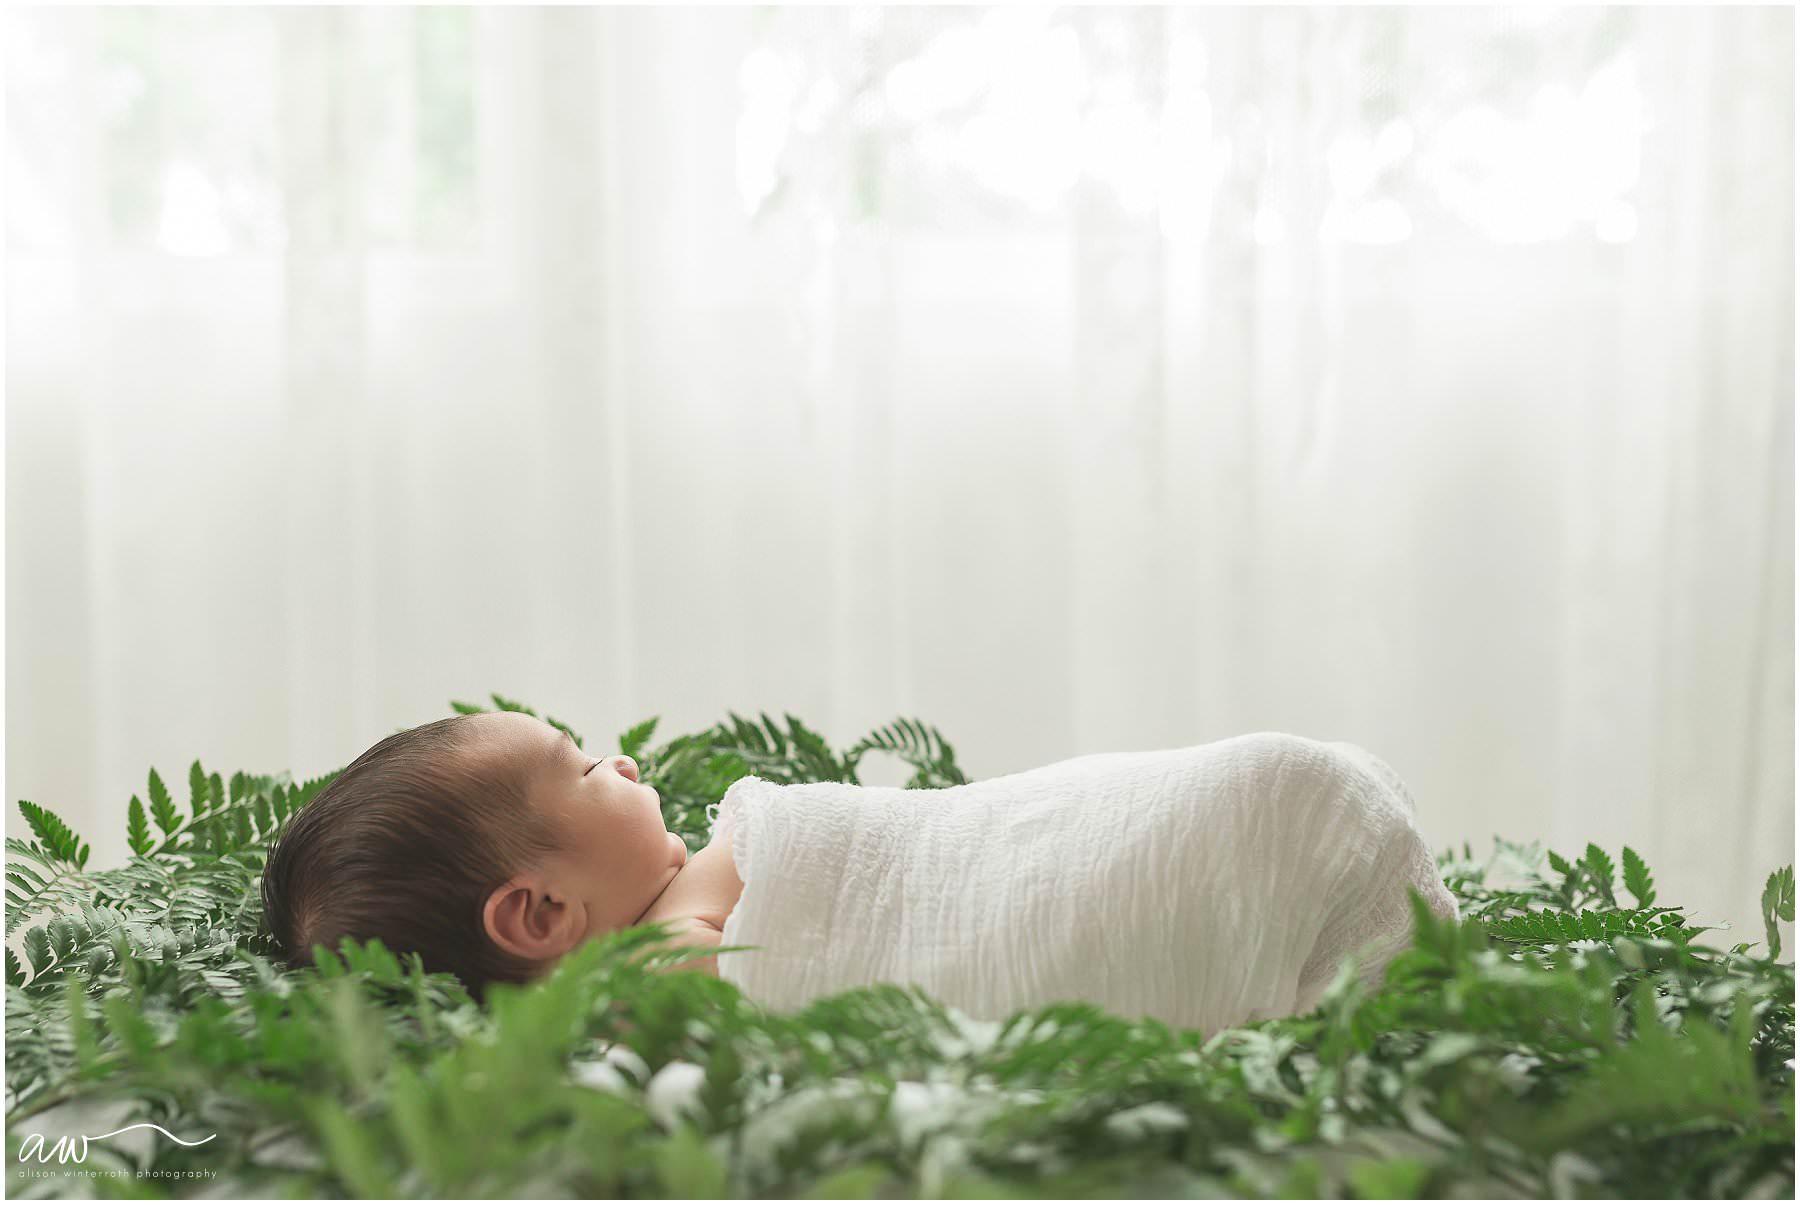 A natural newborn photographer